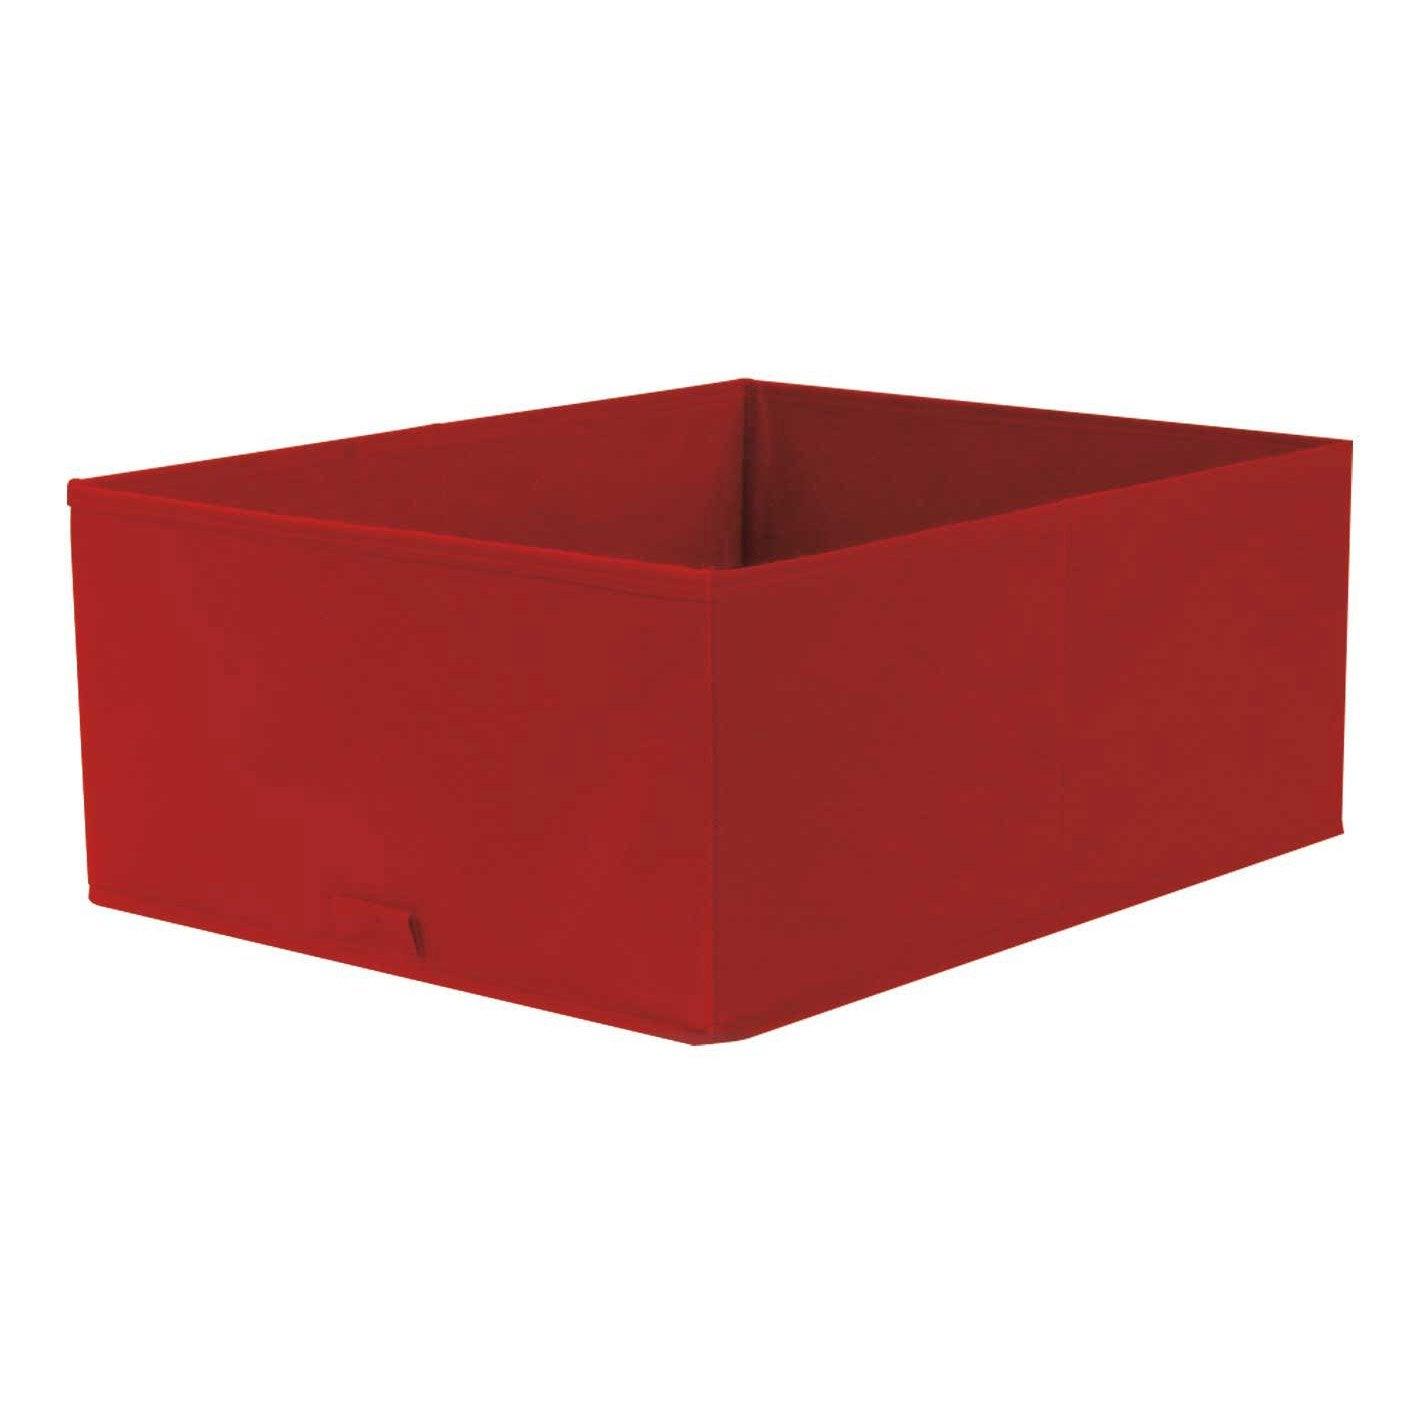 Panier de rangement spaceo rouge x x - Leroy merlin panier rangement ...